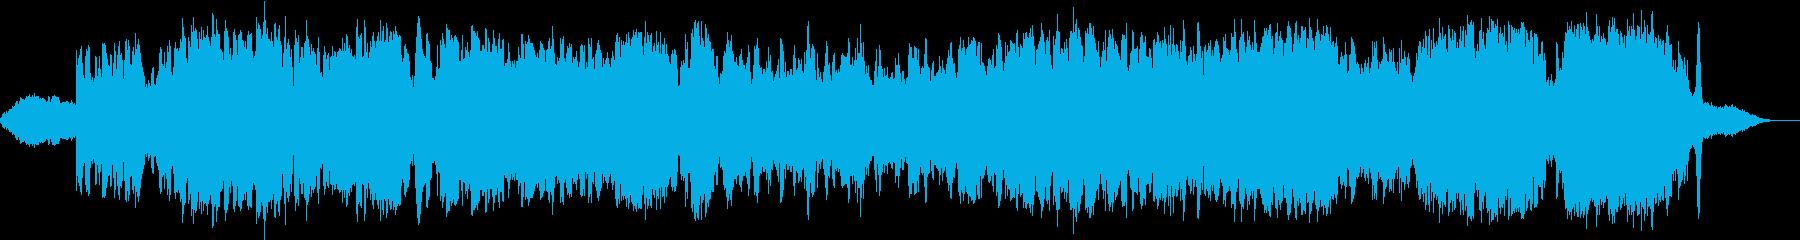 【生録音】ドリルの音 3 歯医者 工事の再生済みの波形